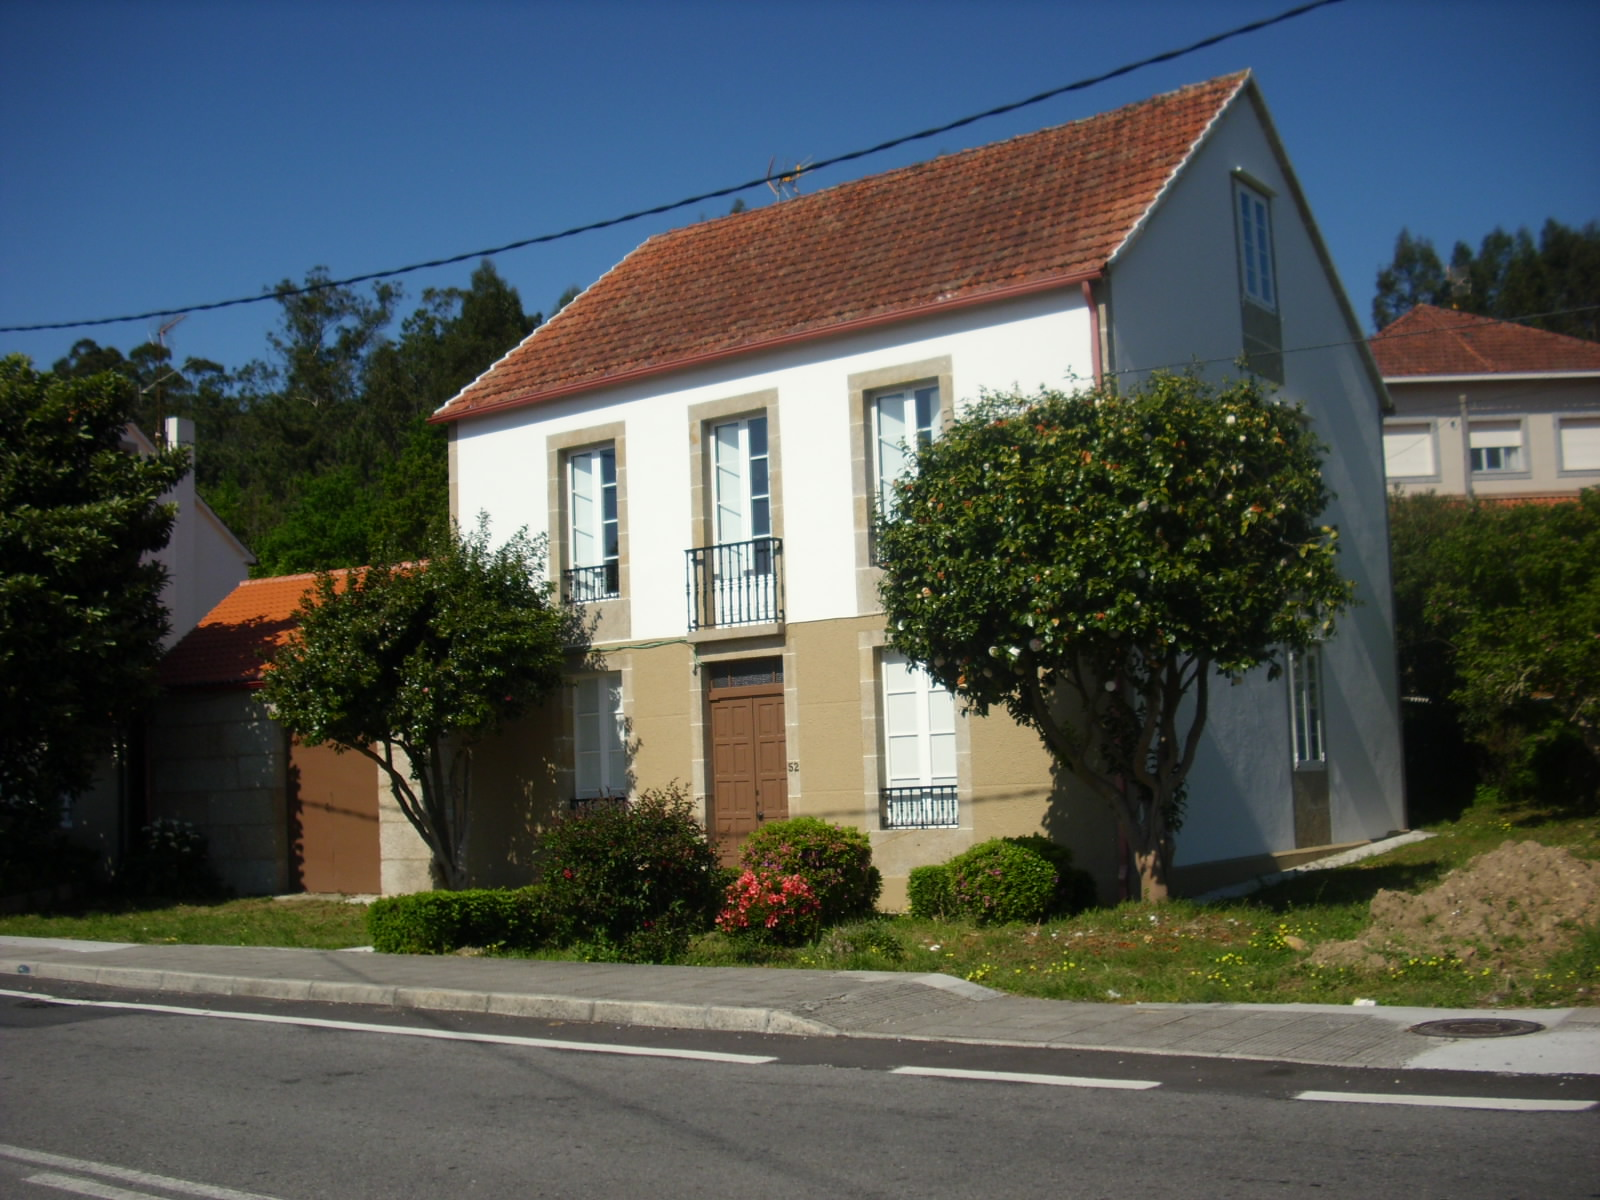 Alquiler casa rural galicia casa rural os carballos perdecanai pontevedra galicia casa ourolo - Casas turismo rural galicia ...